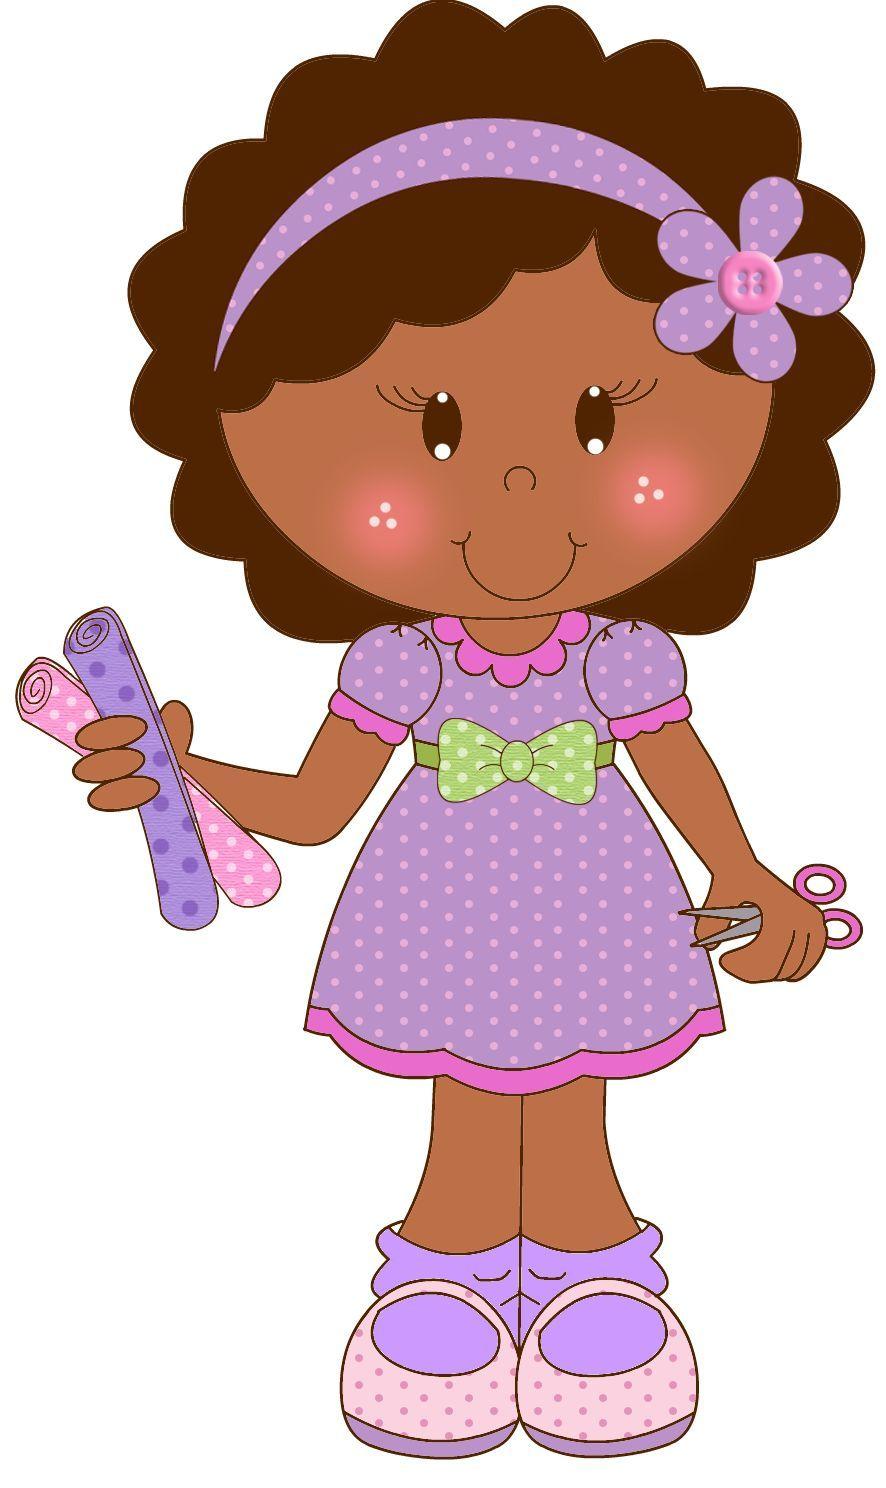 71216650851053 Bonecas Png, Bonecas Em Eva, Meninas Negras, Desenhos De Meninas, Artes Em